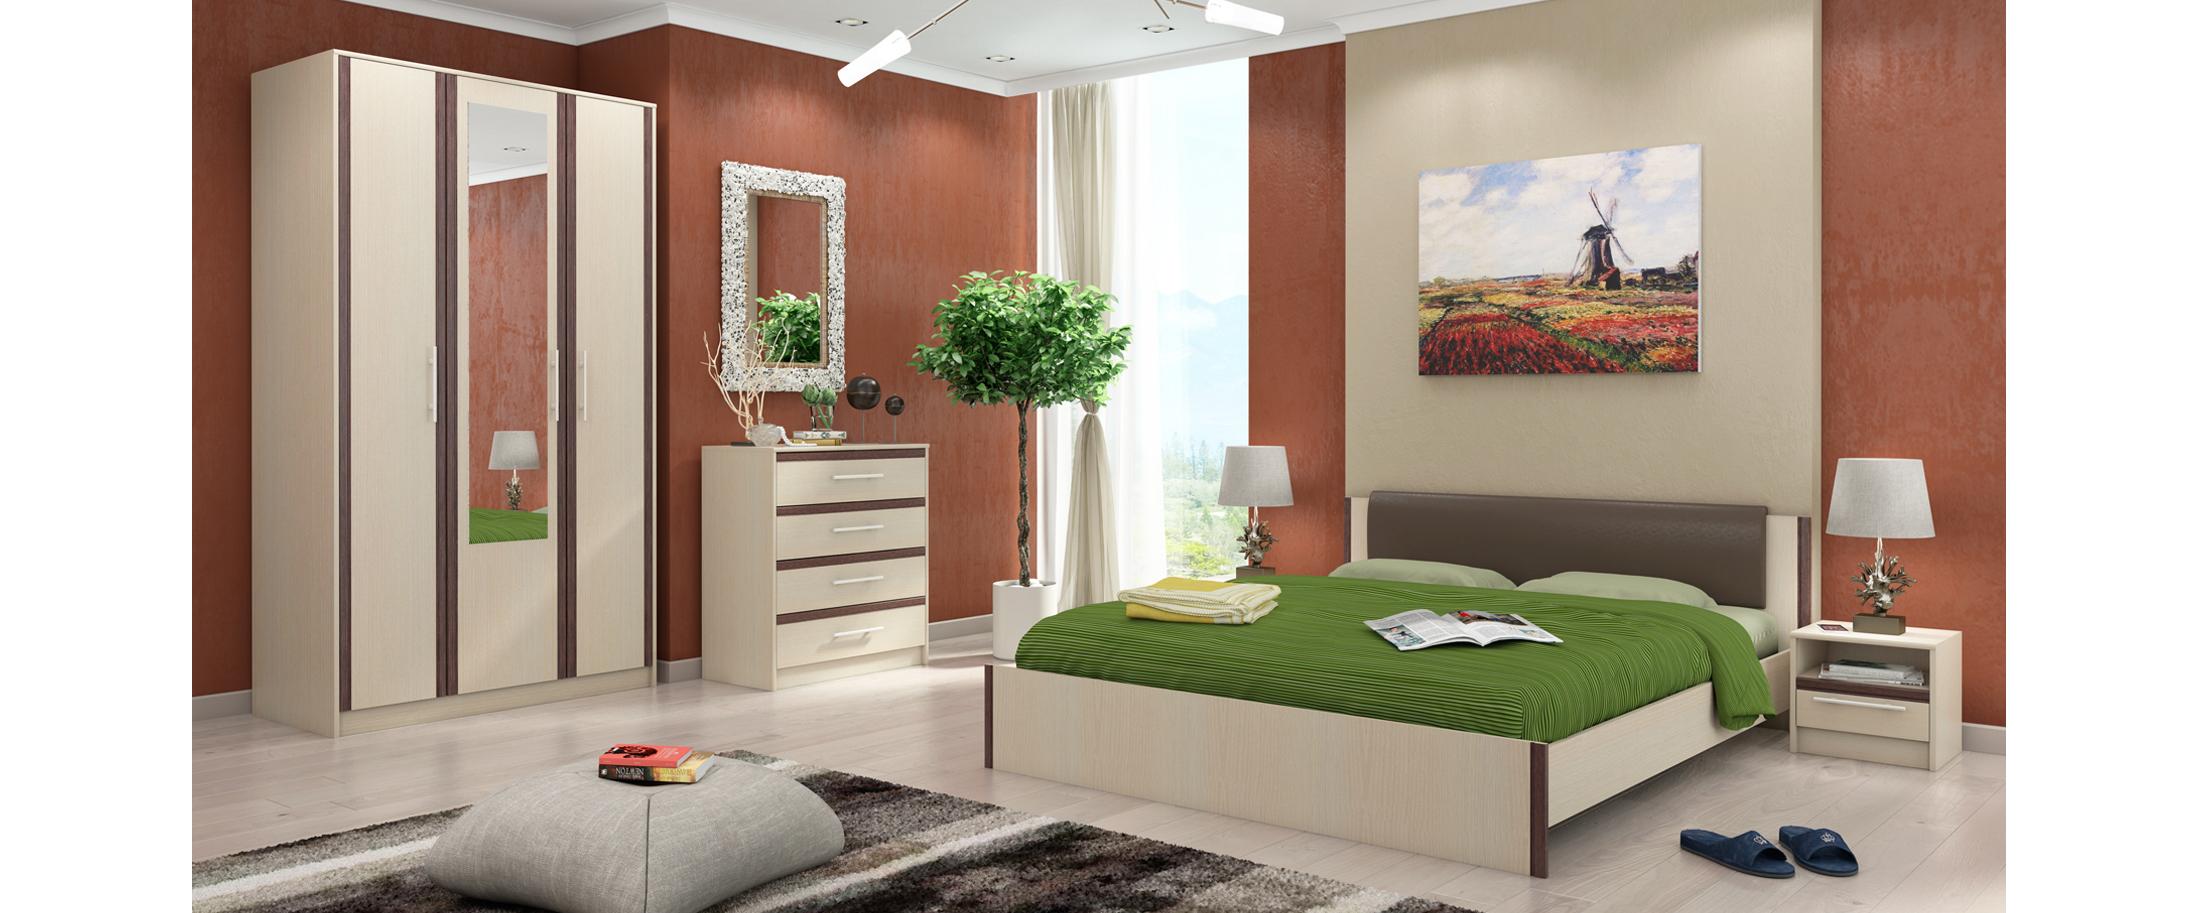 Спальня Новелла Модель 337 от MOON TRADE